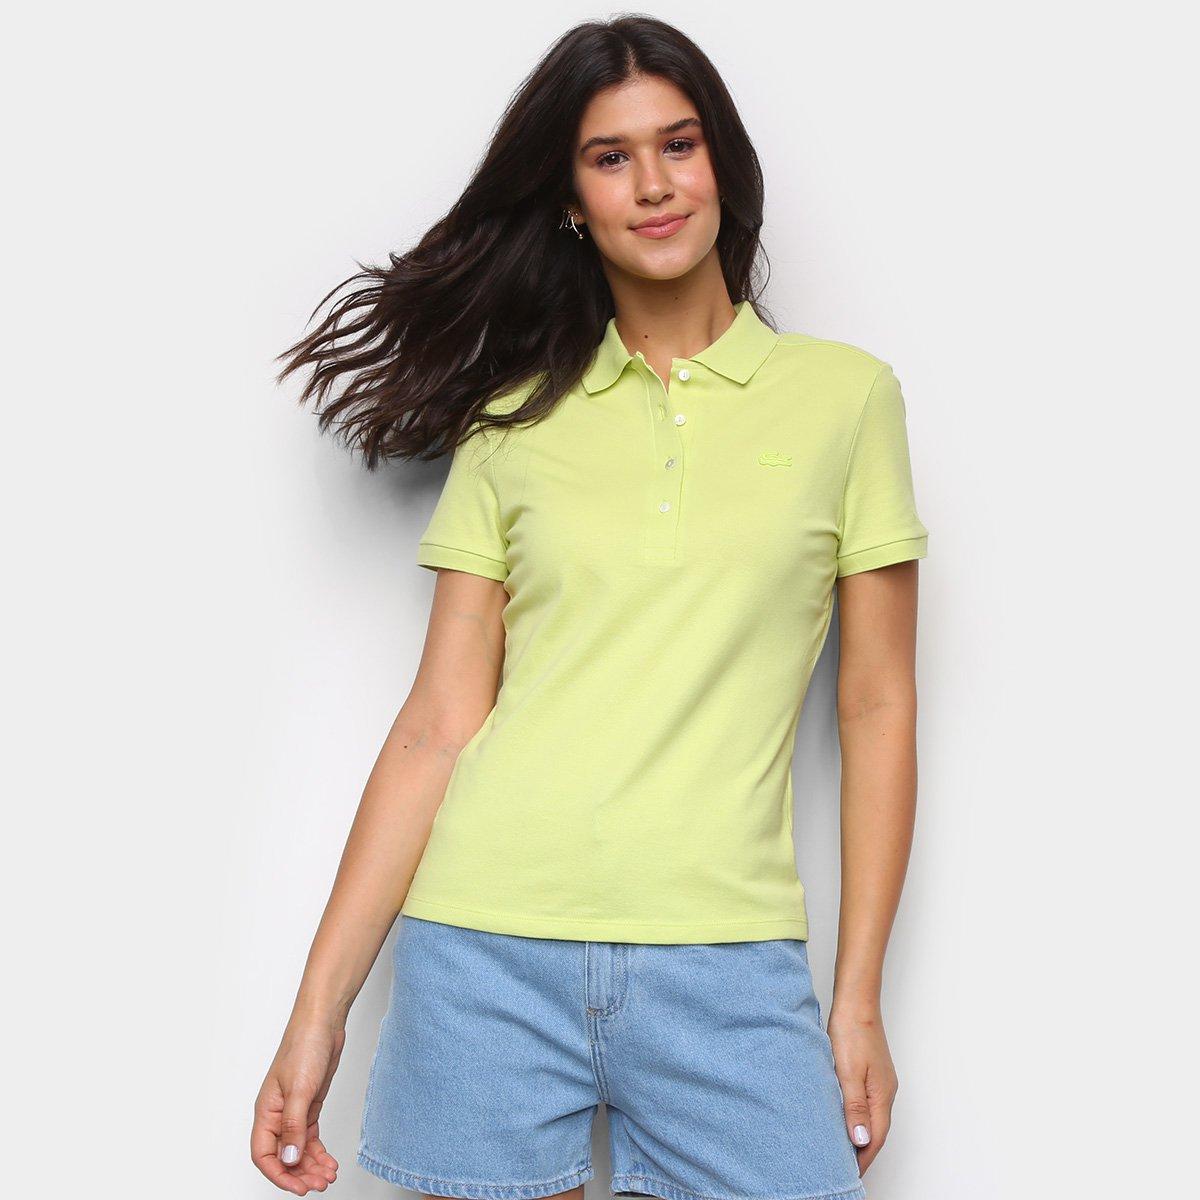 Camisa Polo Lacoste Básica Manga Curta Feminina